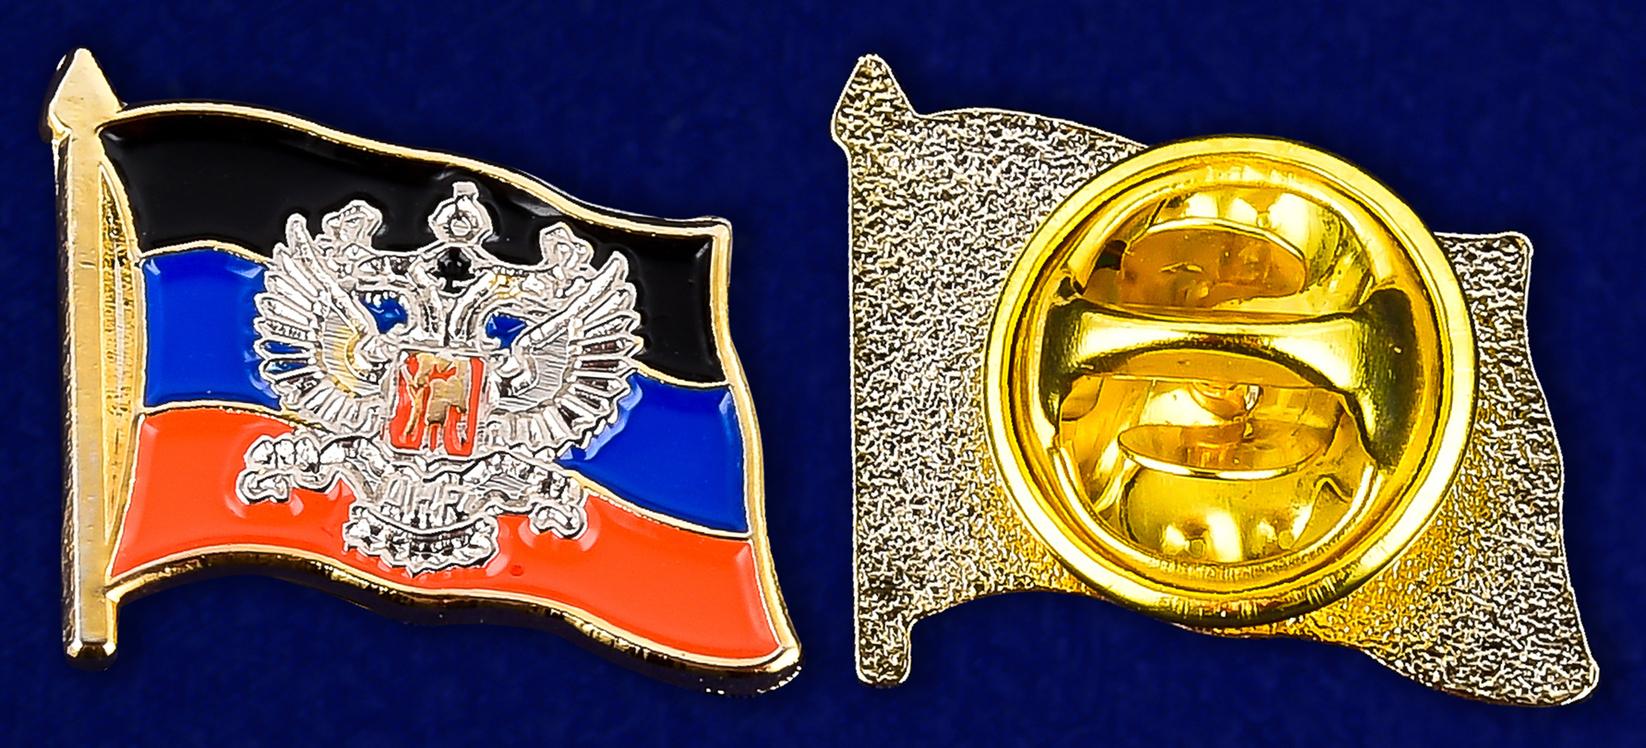 Доставка по Москве, России и за рубеж